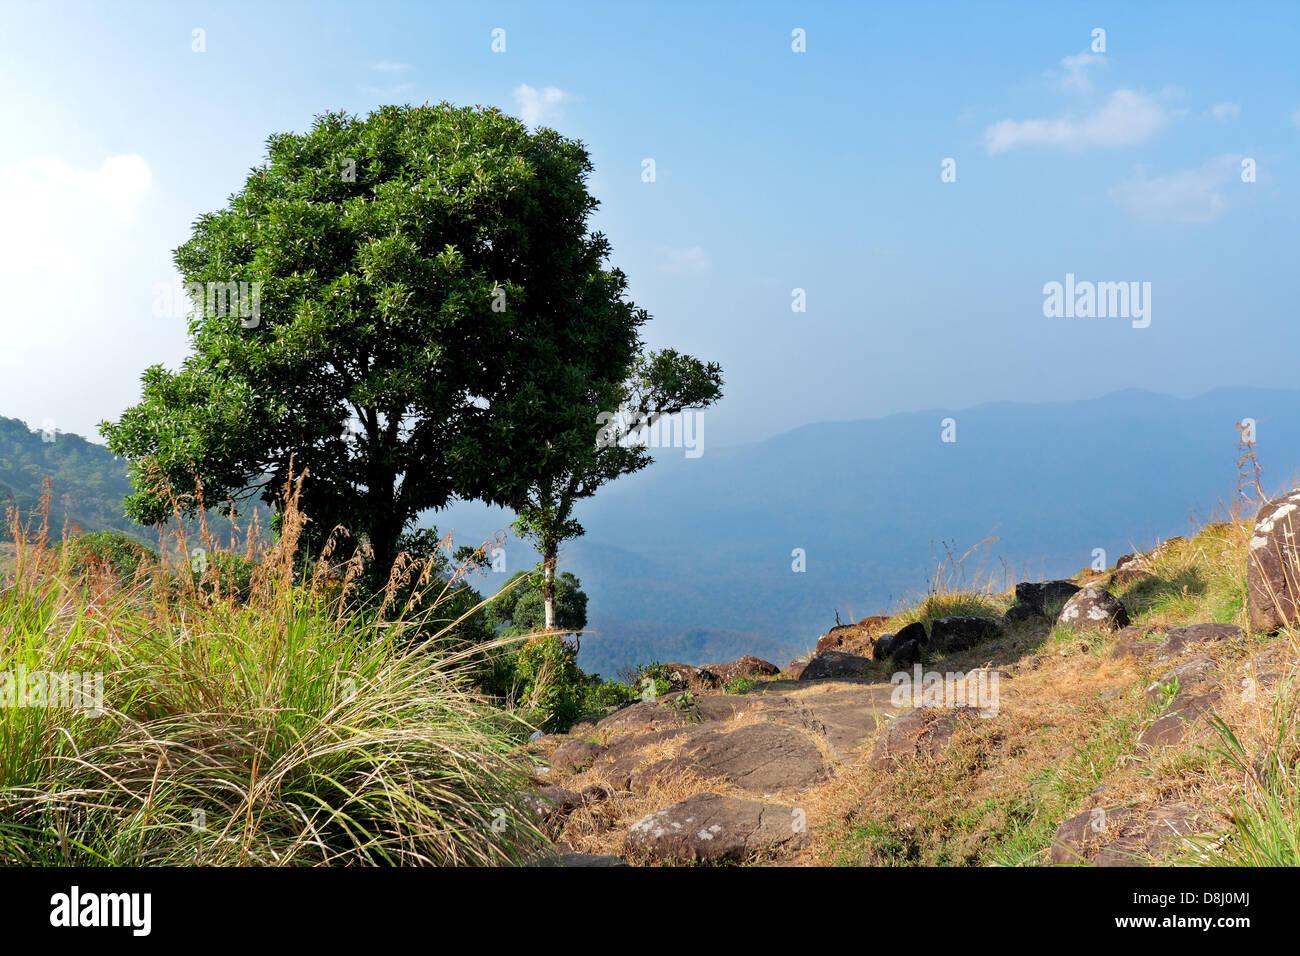 Ponmudi, Thiruvananthapuram, Kerala, India - Stock Image